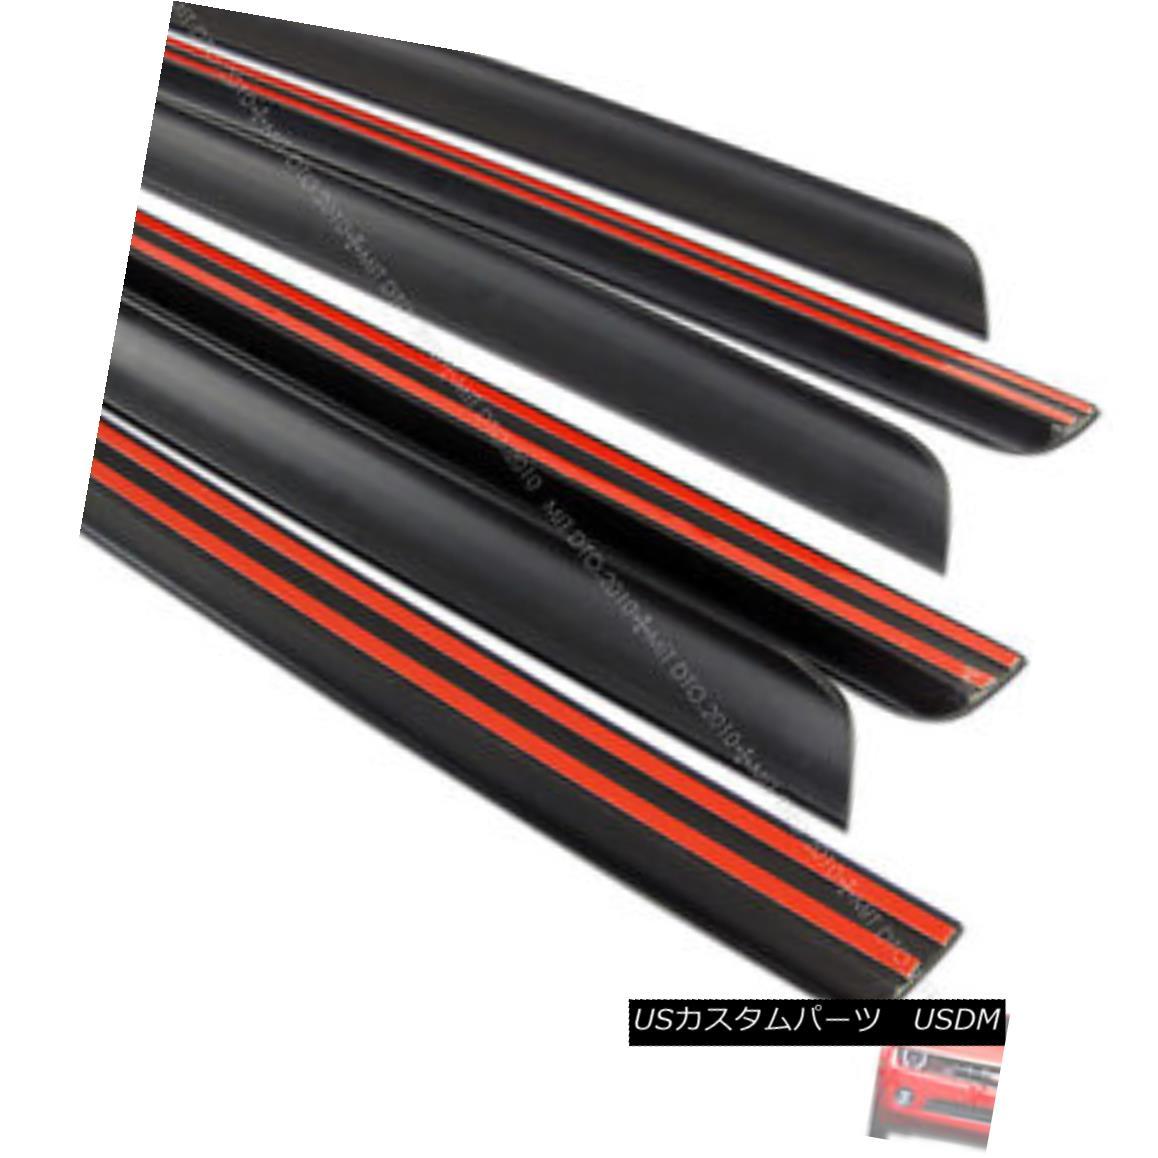 エアロパーツ UNPAINTED 03-07 G35 G45 2DR REAR TRUNK LIP SPOILER WING § UNPAINTED 03-07 G35 G45 2DRリアトランクリップスポイラーウイング